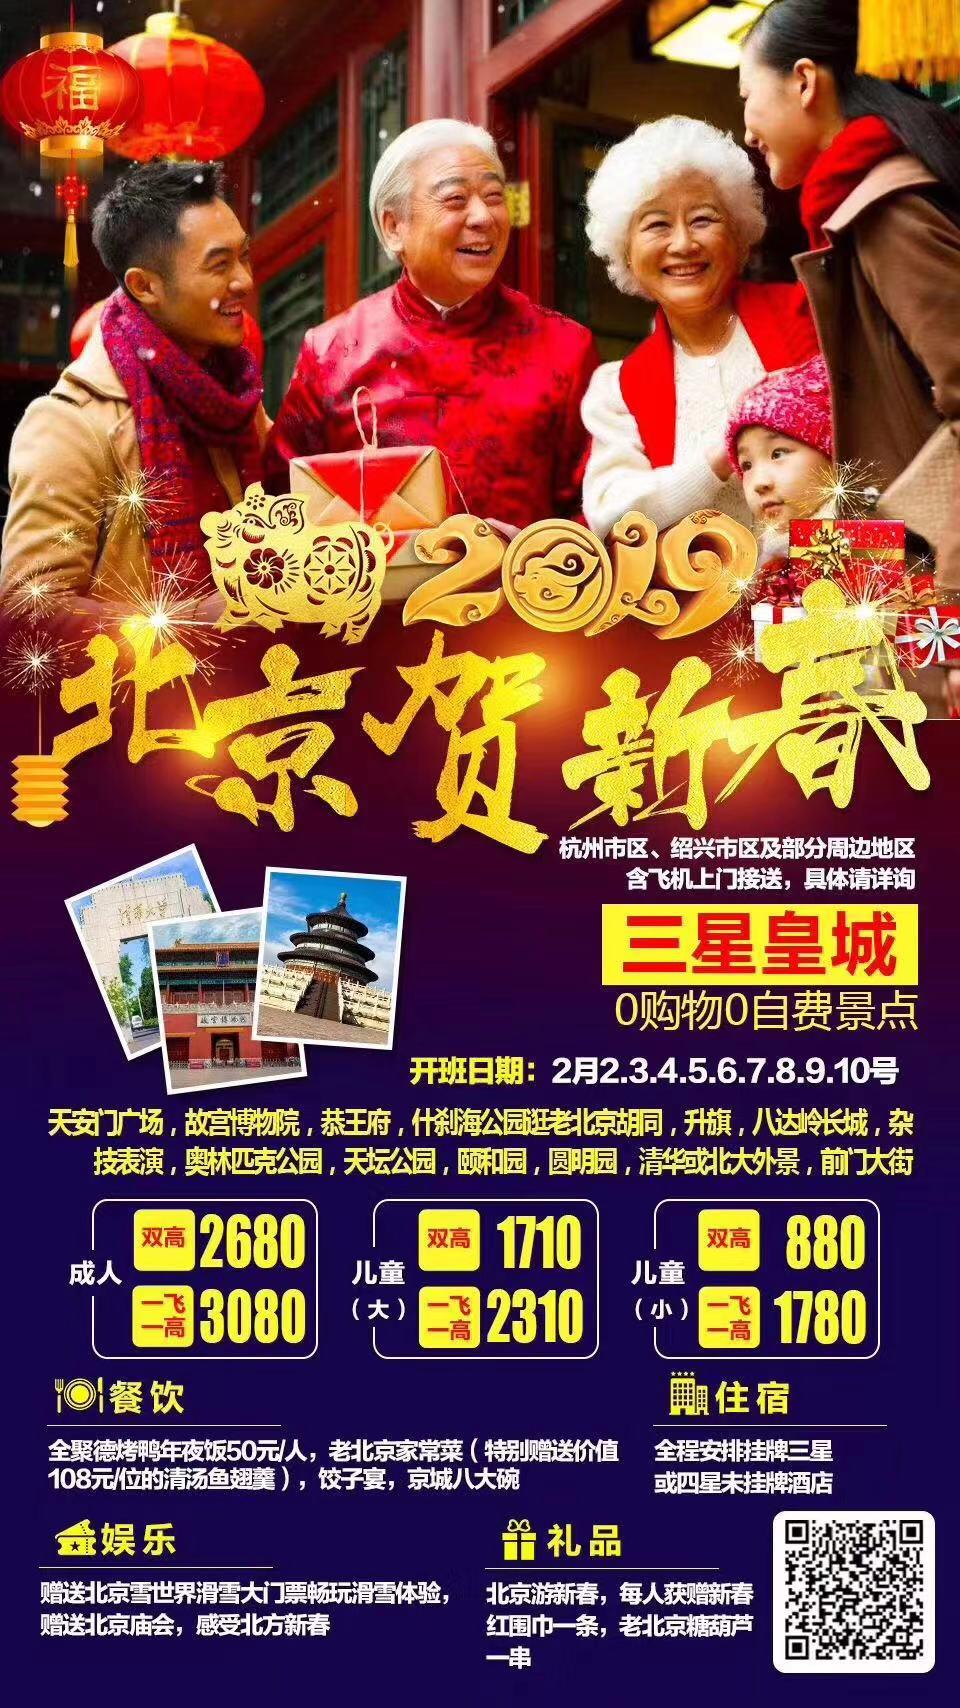 春节2.2-10 北京 三星皇城0自费0购物